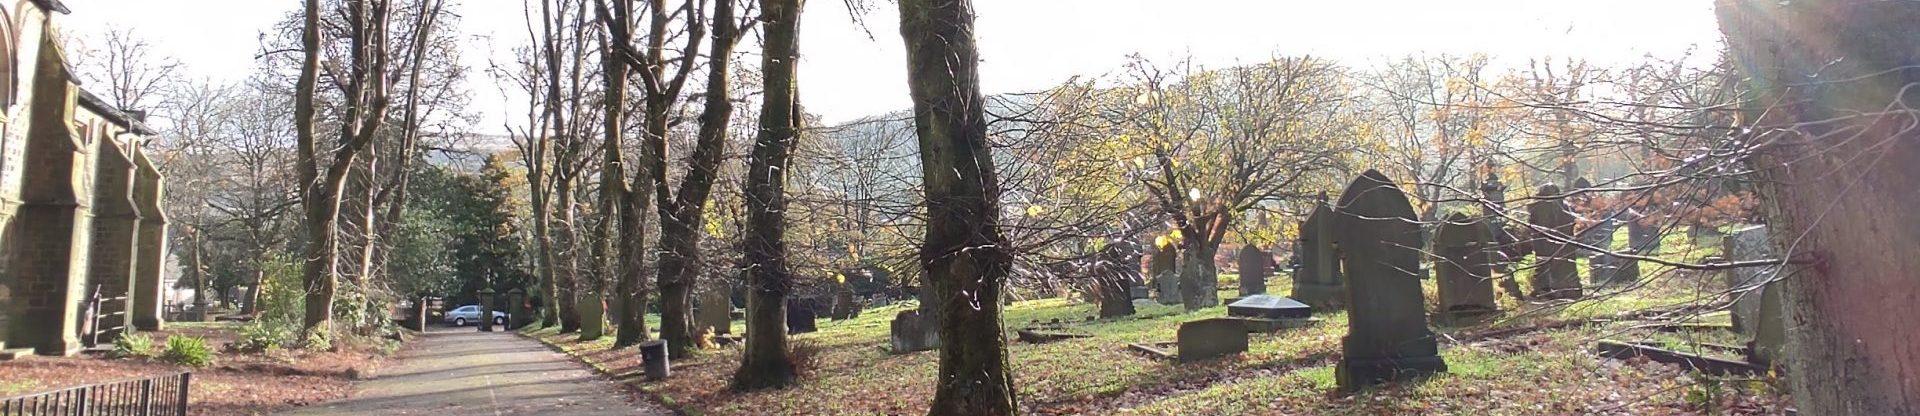 Churchyard banner